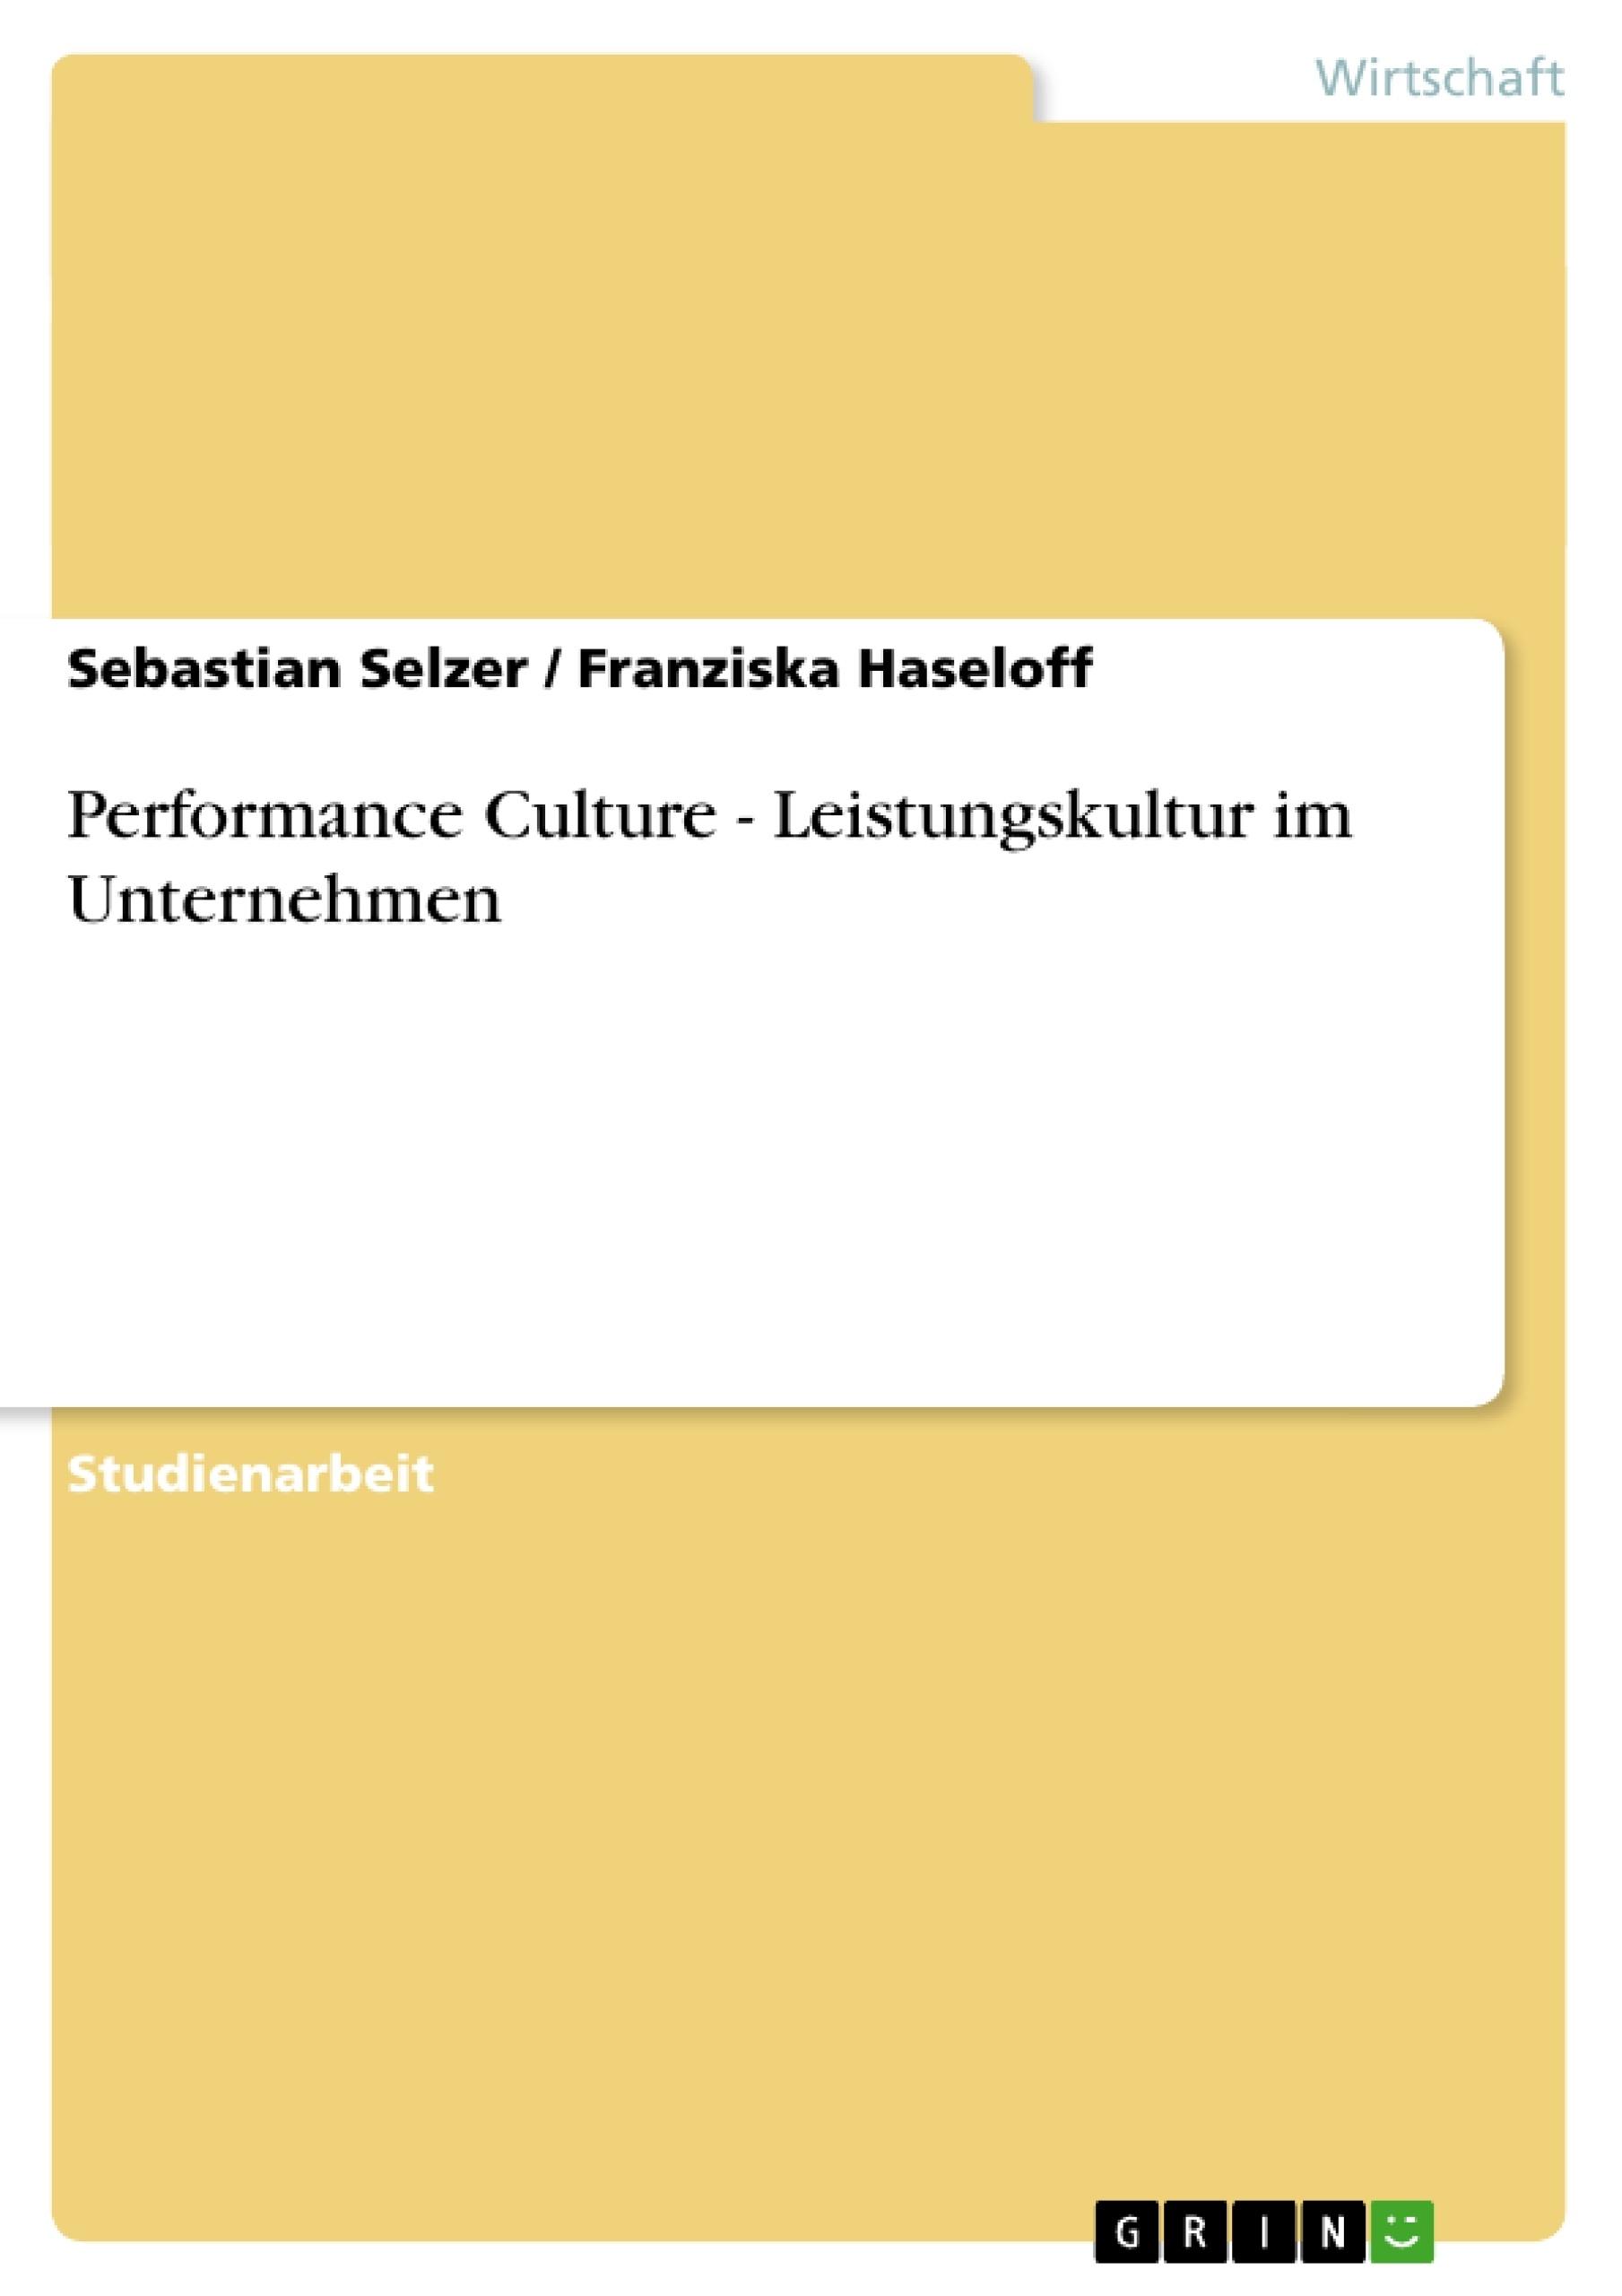 Titel: Performance Culture - Leistungskultur im Unternehmen